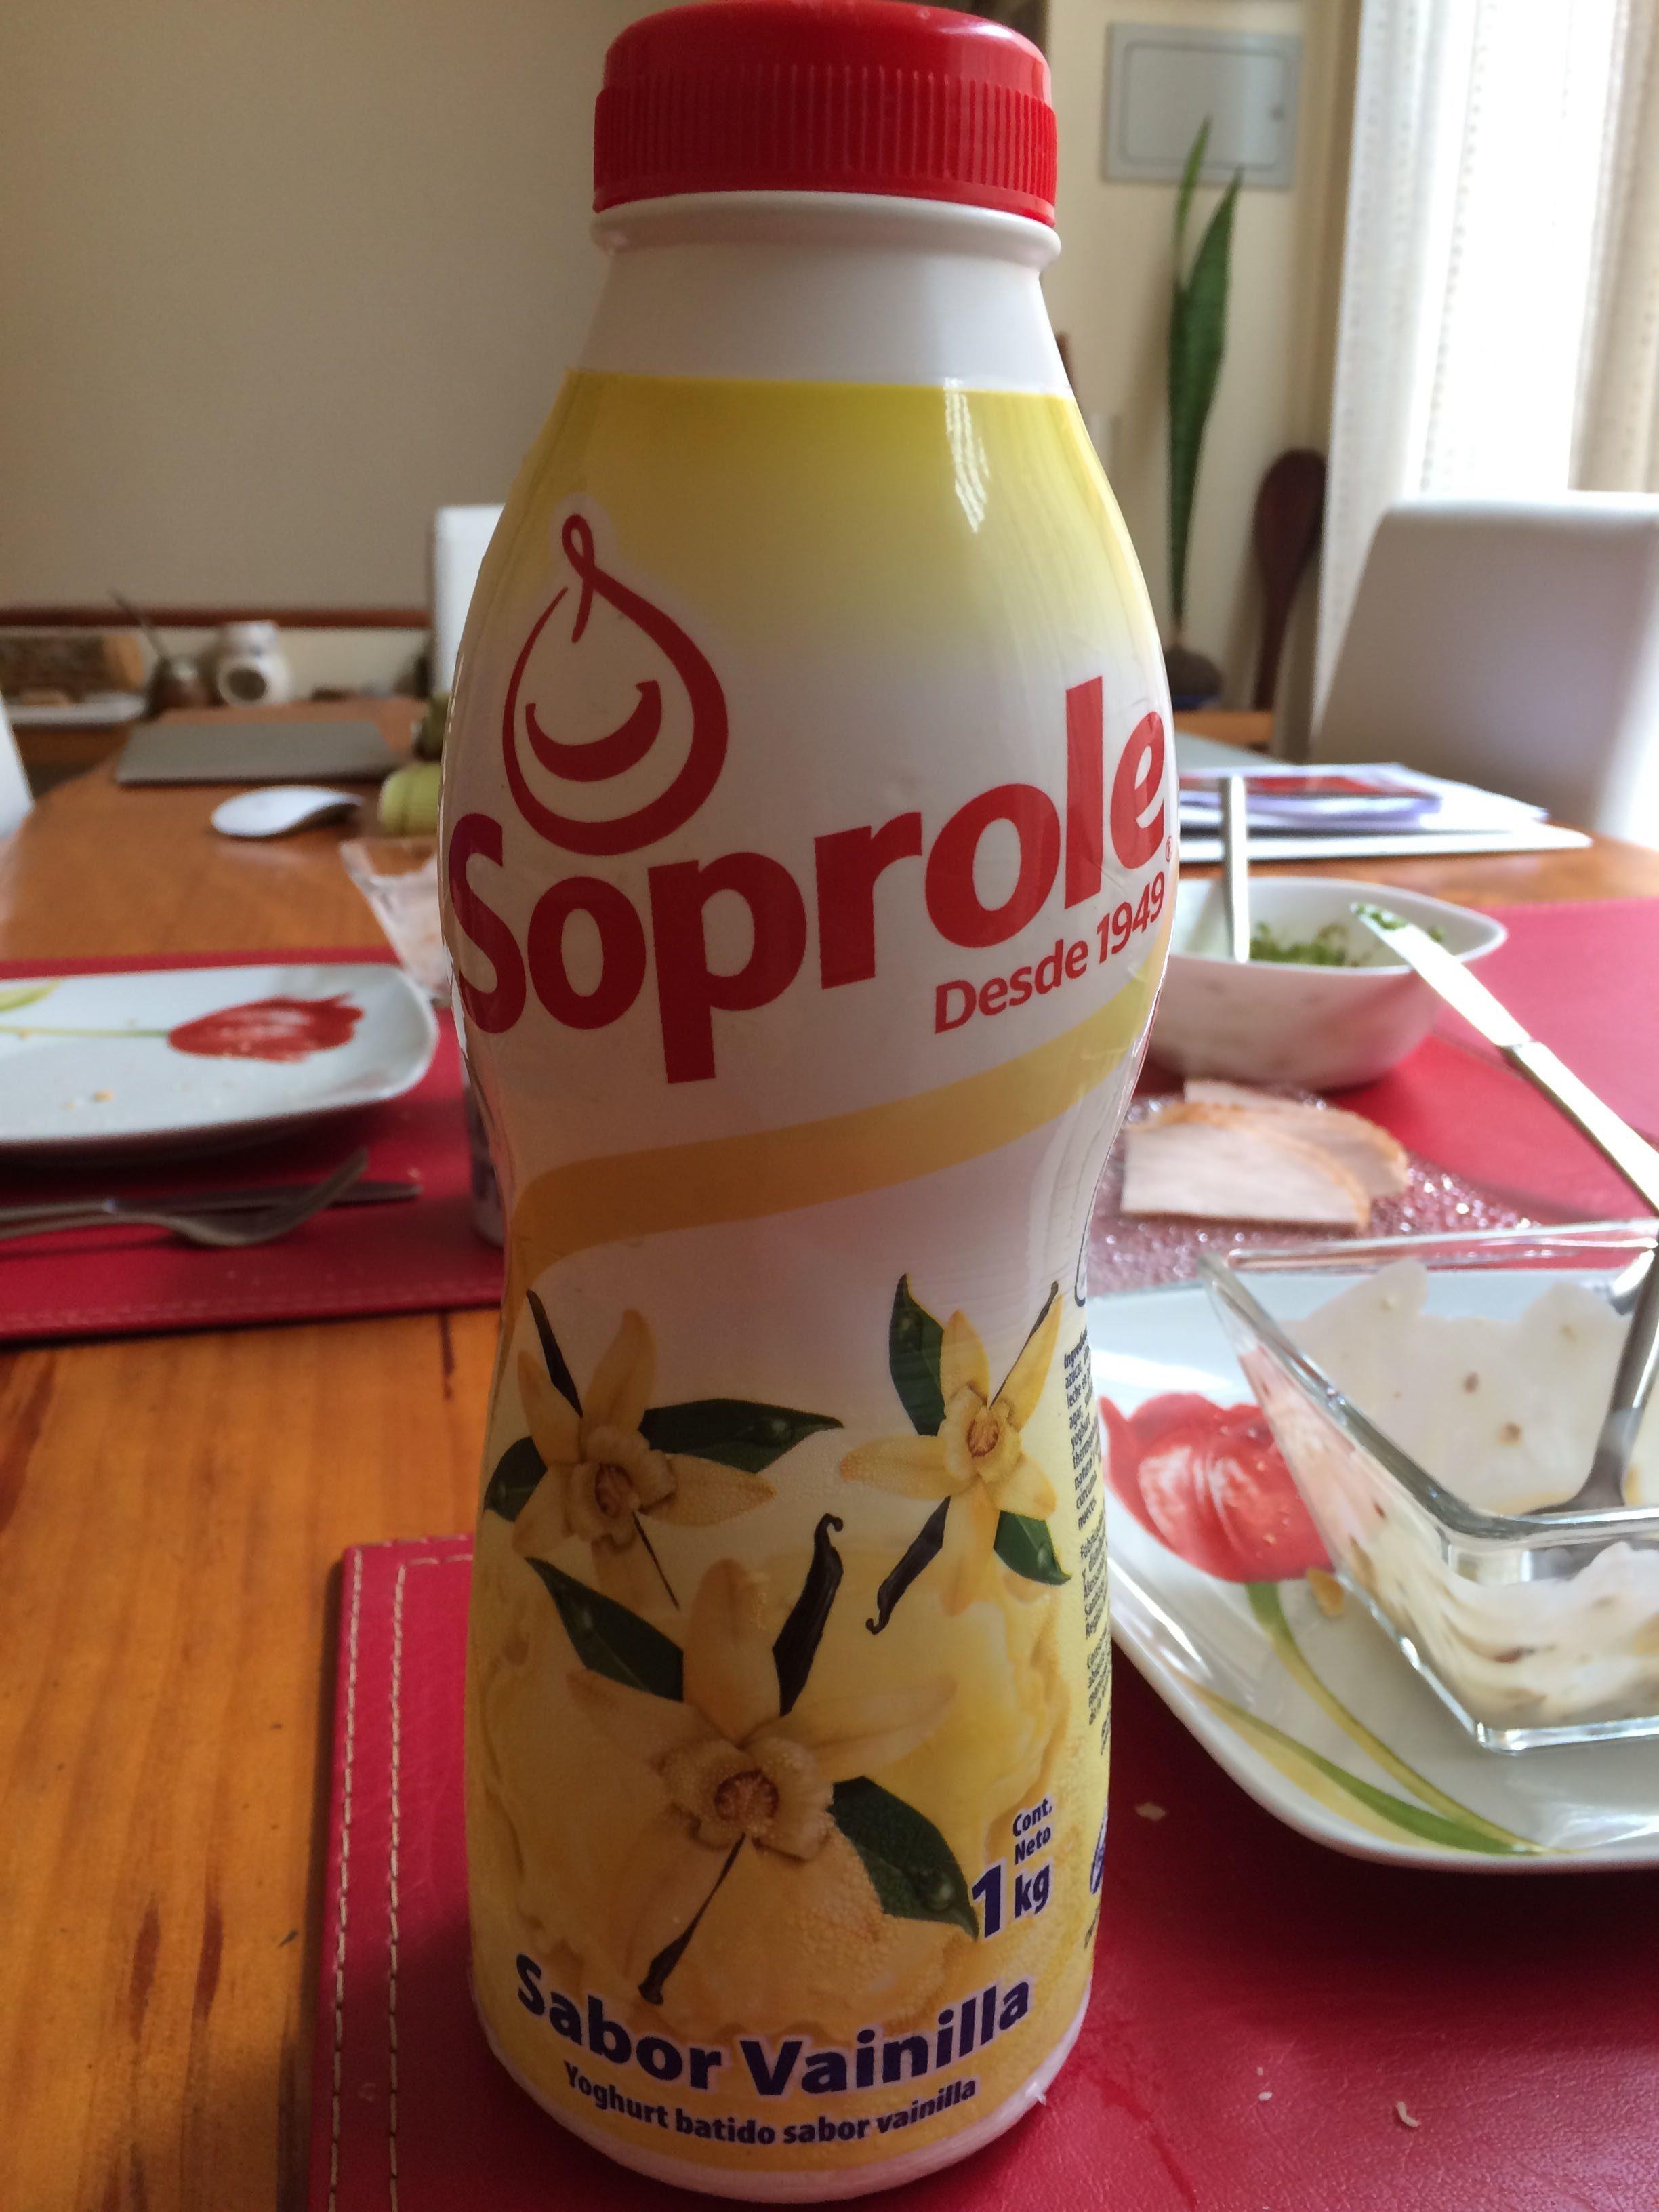 Yogurt Batido 1 LT Vainilla - Product